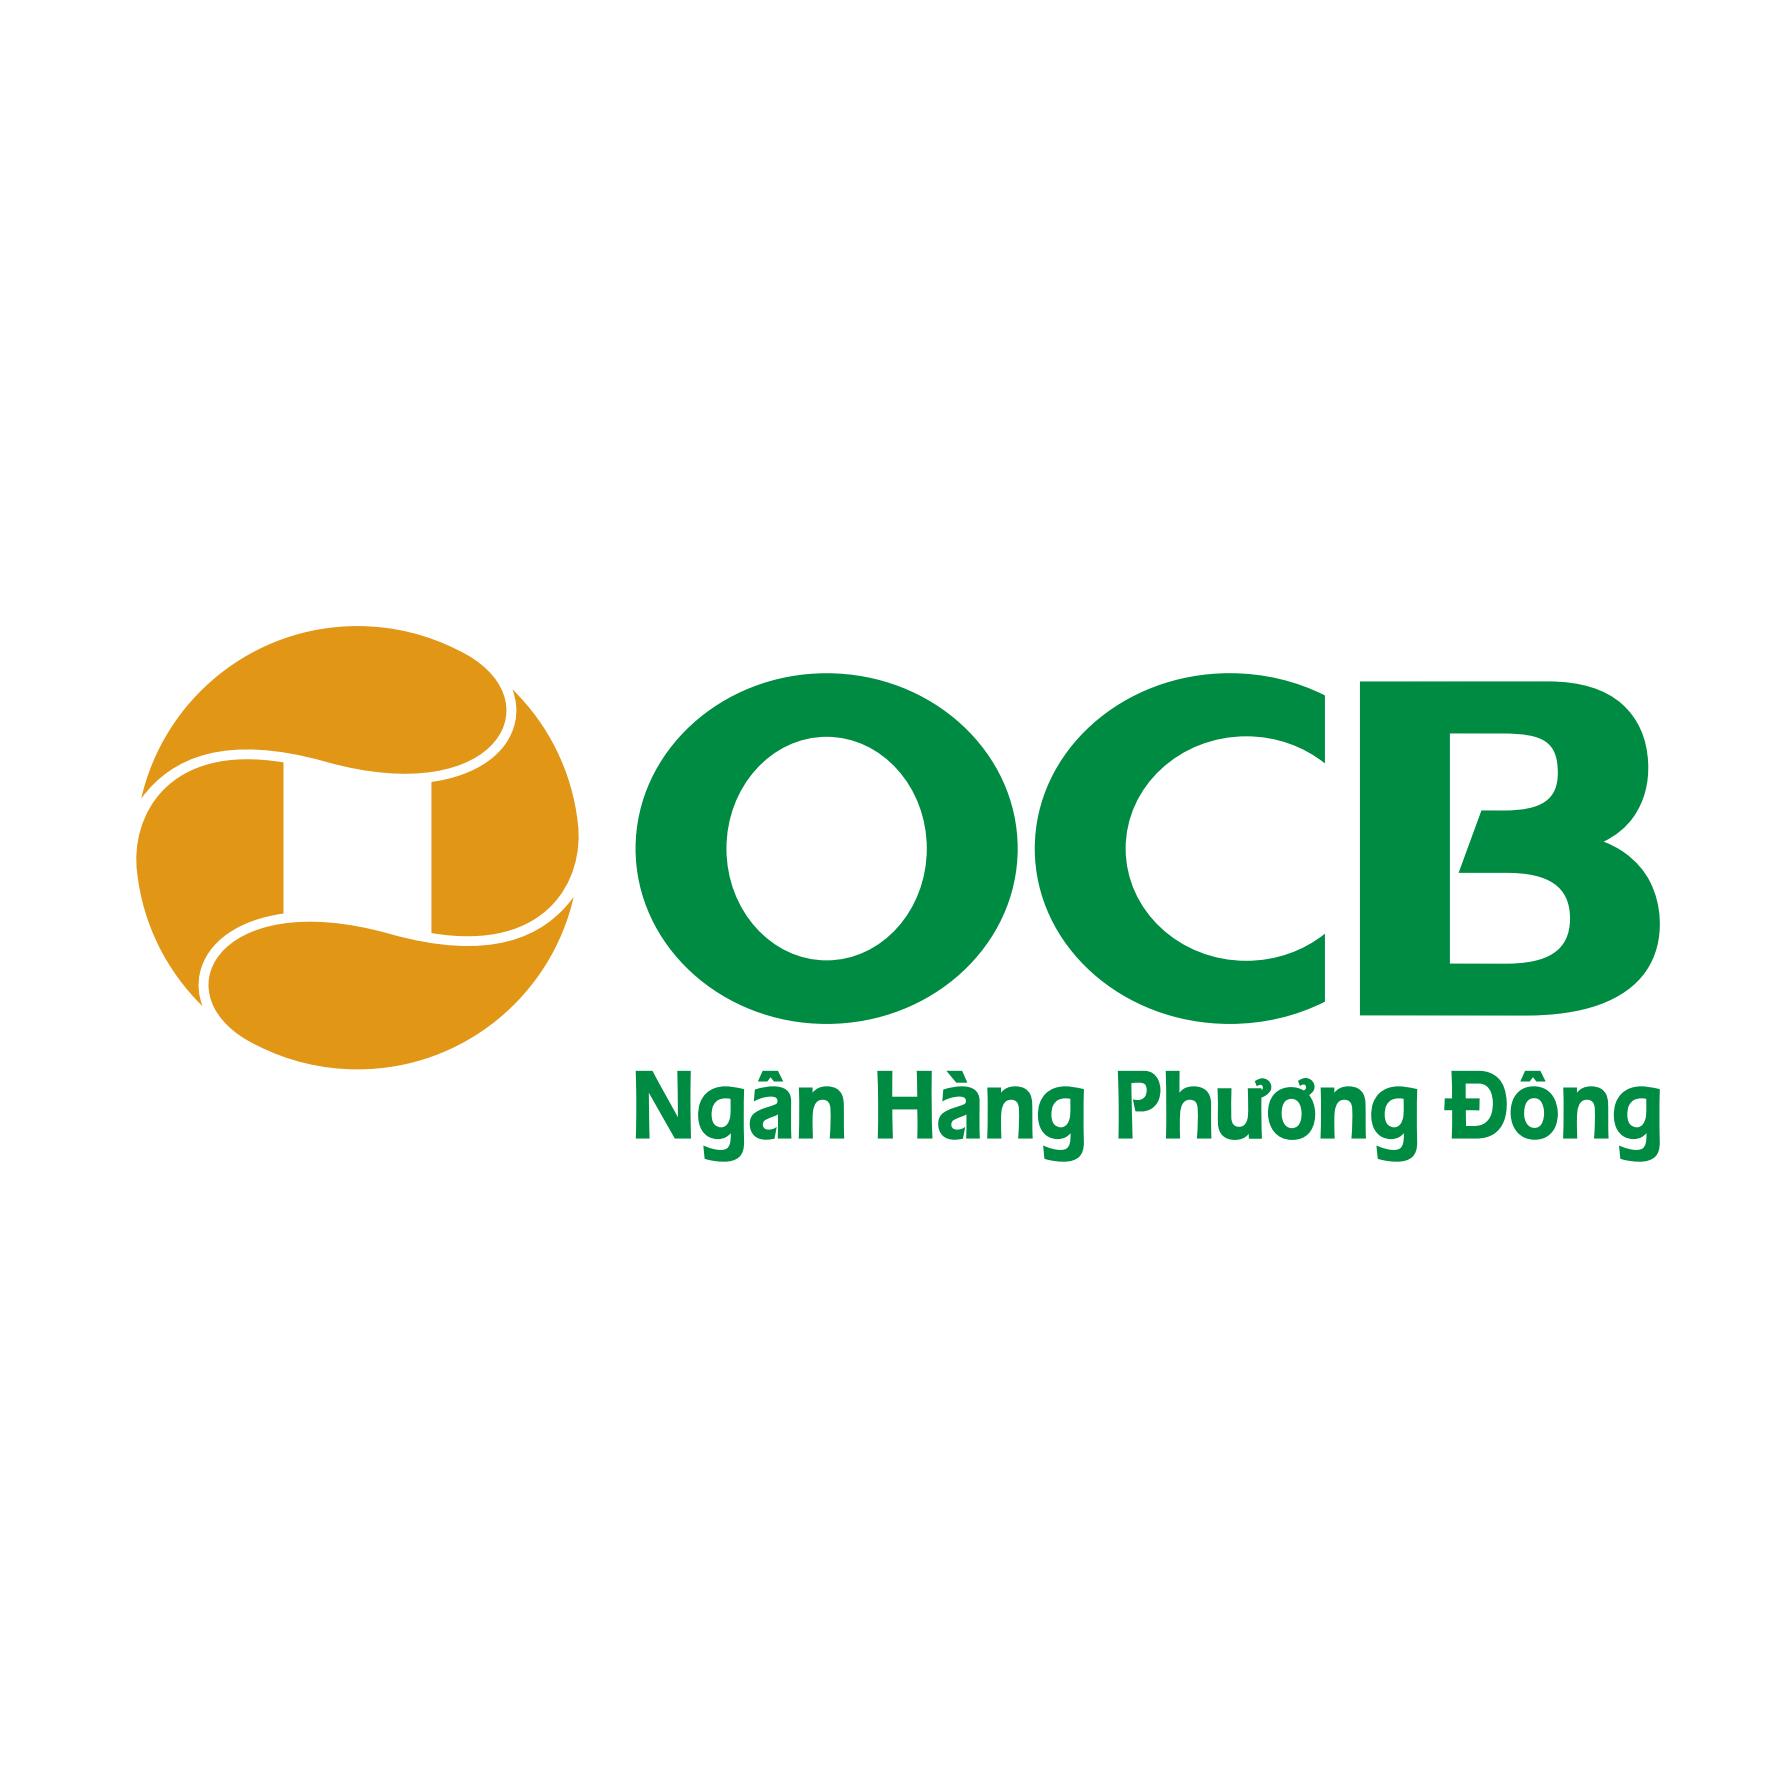 Logo Ngân hàng TMCP Phương Đông - Hội sở (OCB)